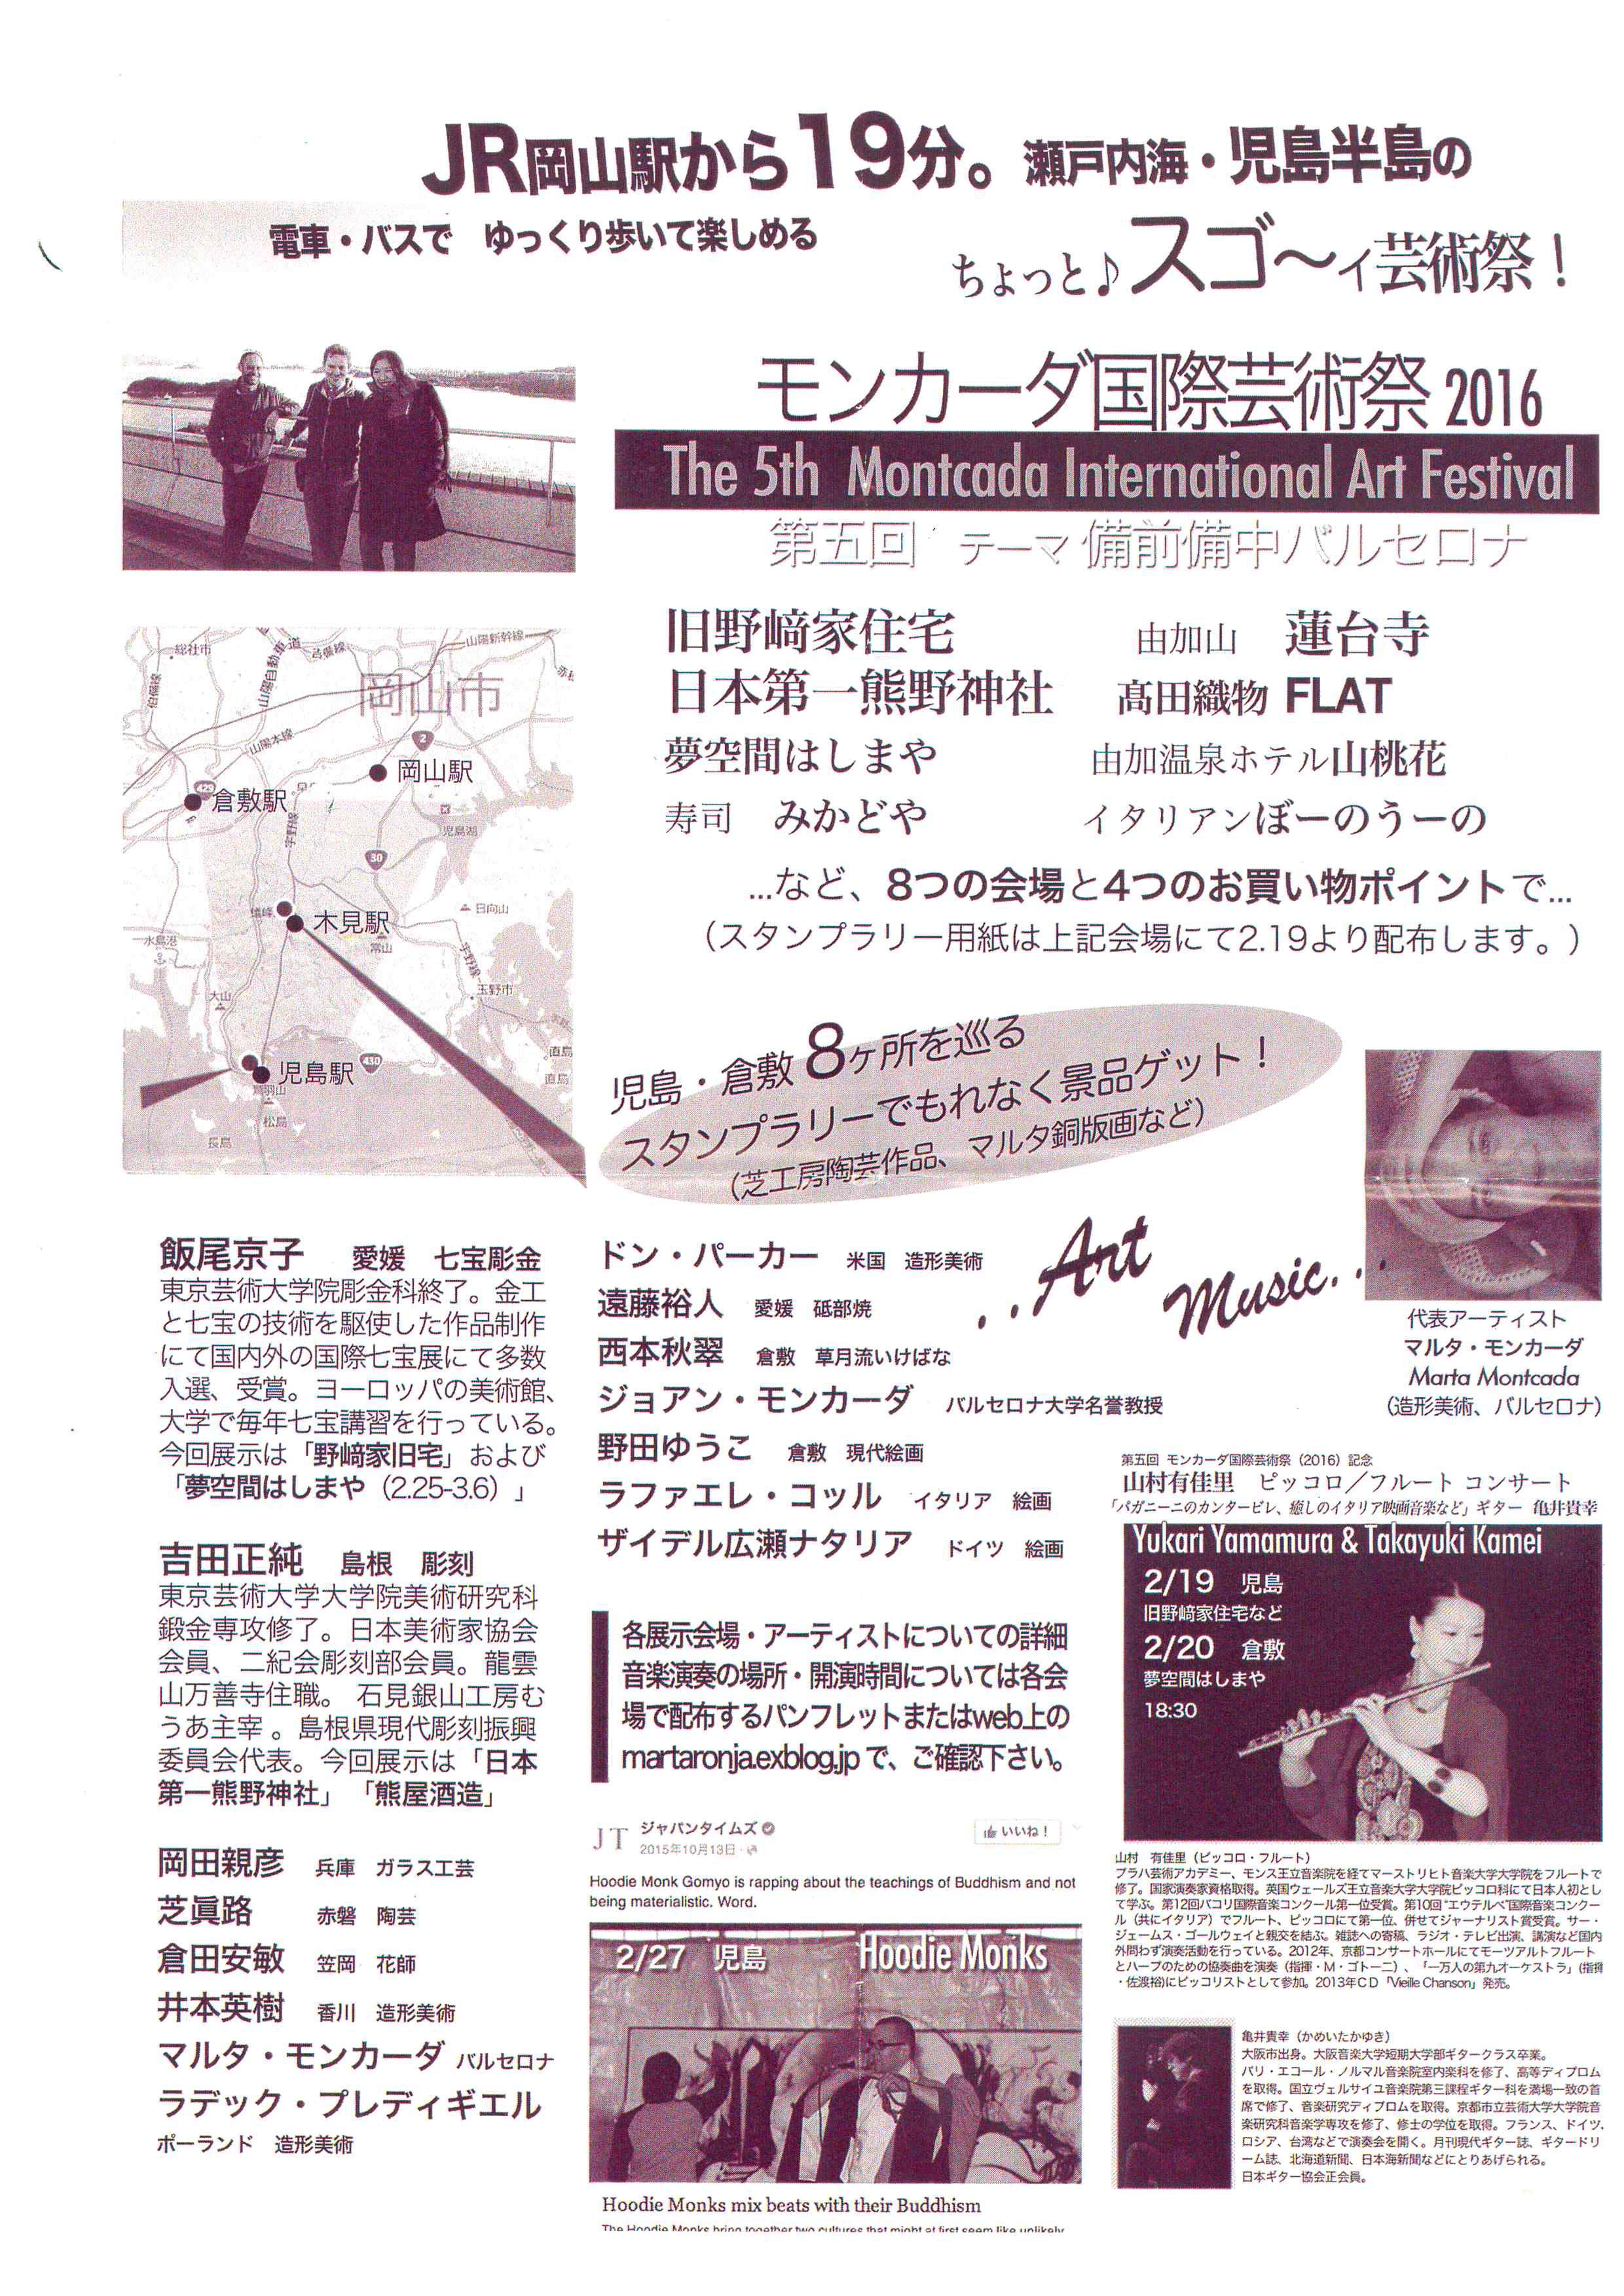 15期岡田親彦さんモンカーダ国際芸術祭2